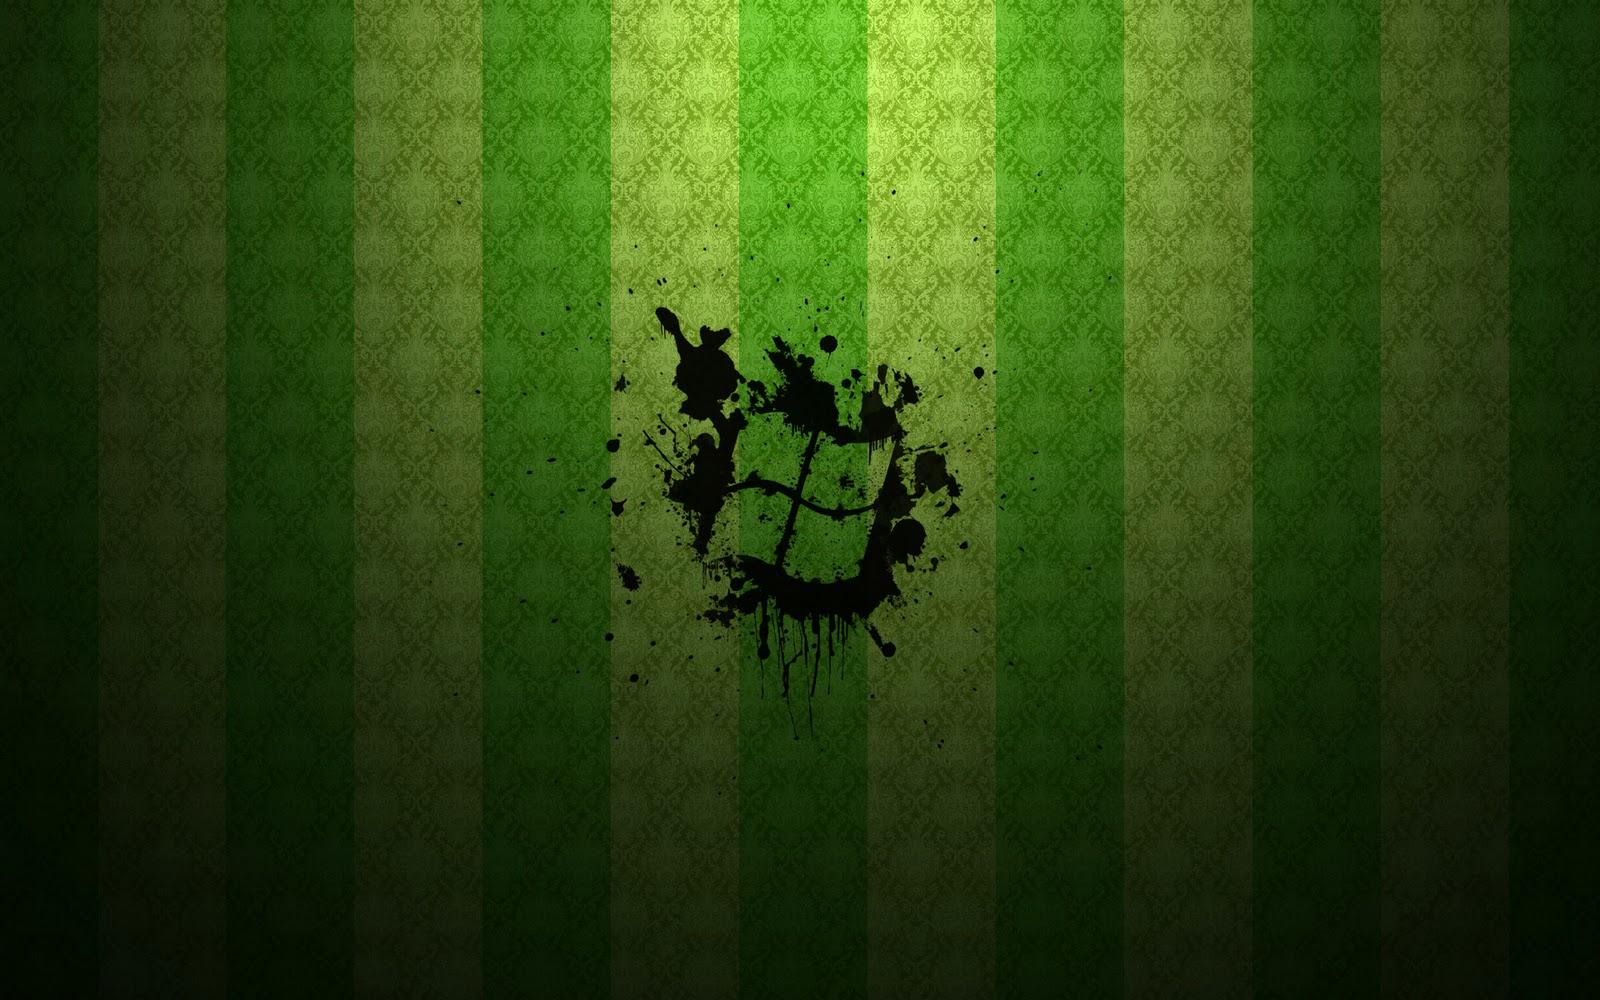 http://1.bp.blogspot.com/-_t5DD5cB0-s/Tvn0otBMGsI/AAAAAAAAG0U/hCHRQc39u_E/s1600/window+vistra+screensaver_10.jpg